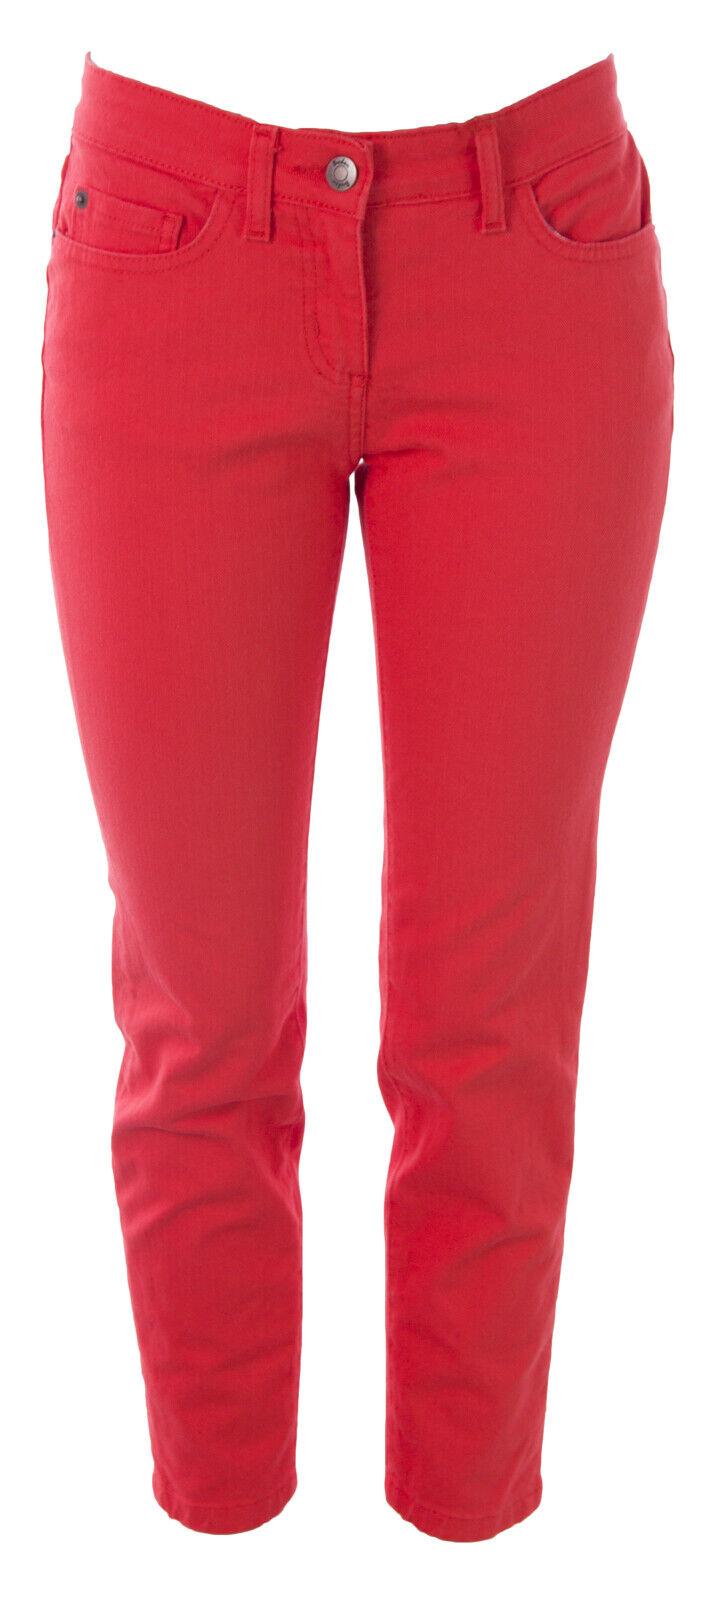 Boden Donna Portland Arancione Aderente Caviglia Skimmer Jeans Wc121 USA